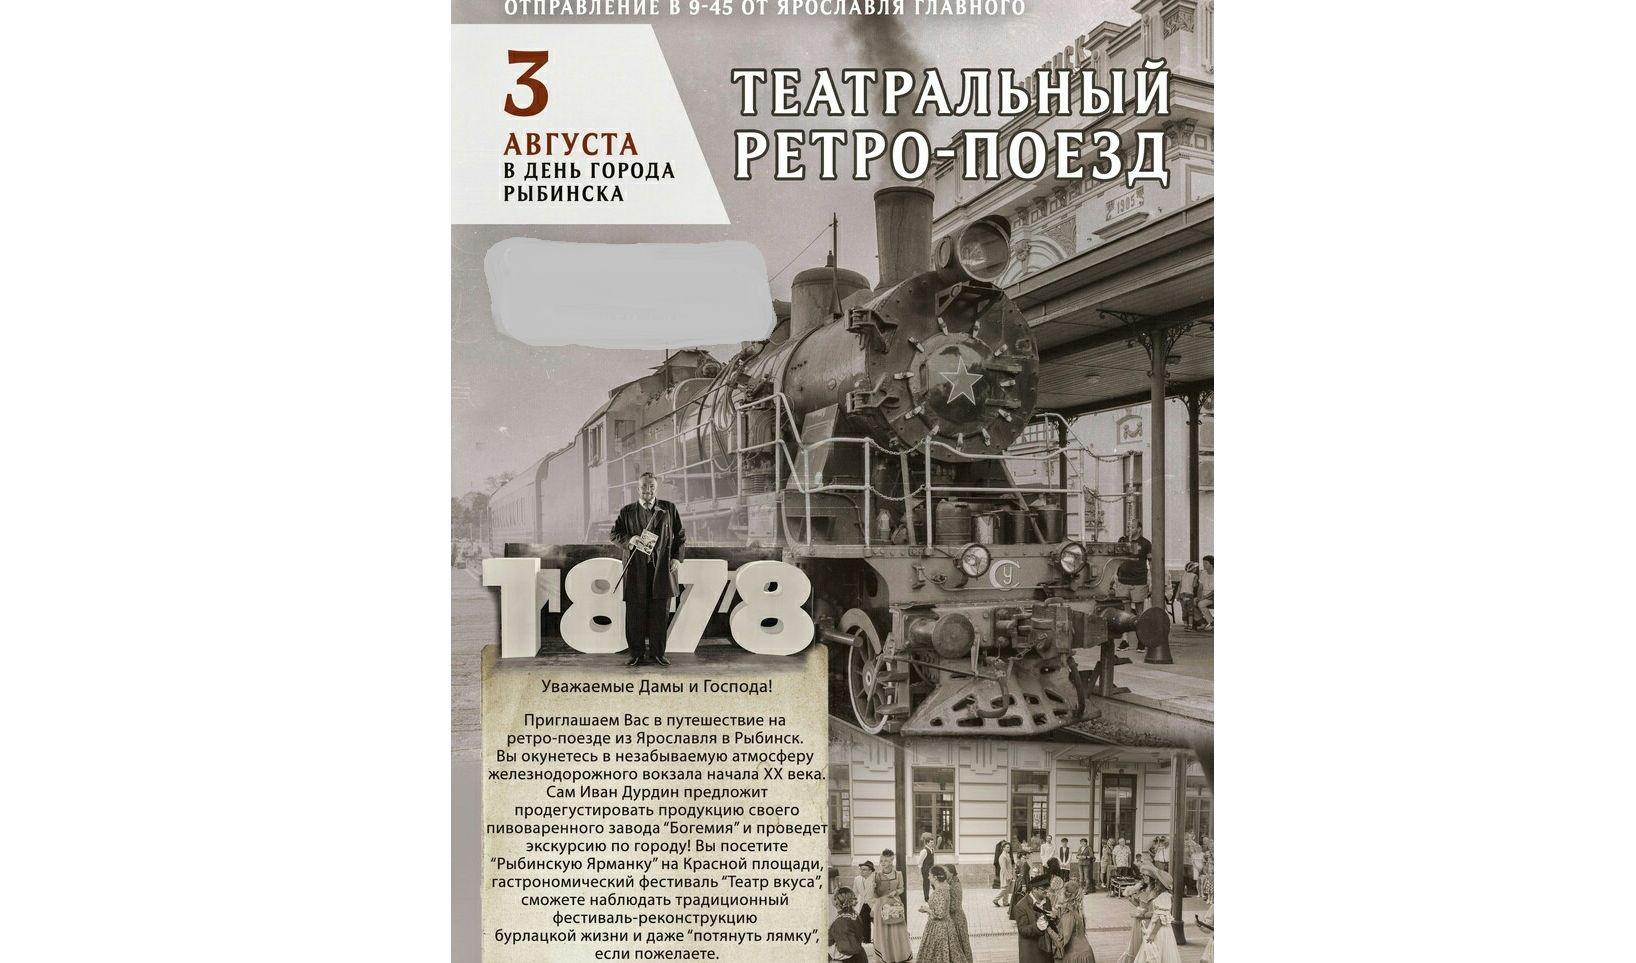 Ярославцы могут поехать на День города Рыбинска на ретропоезде